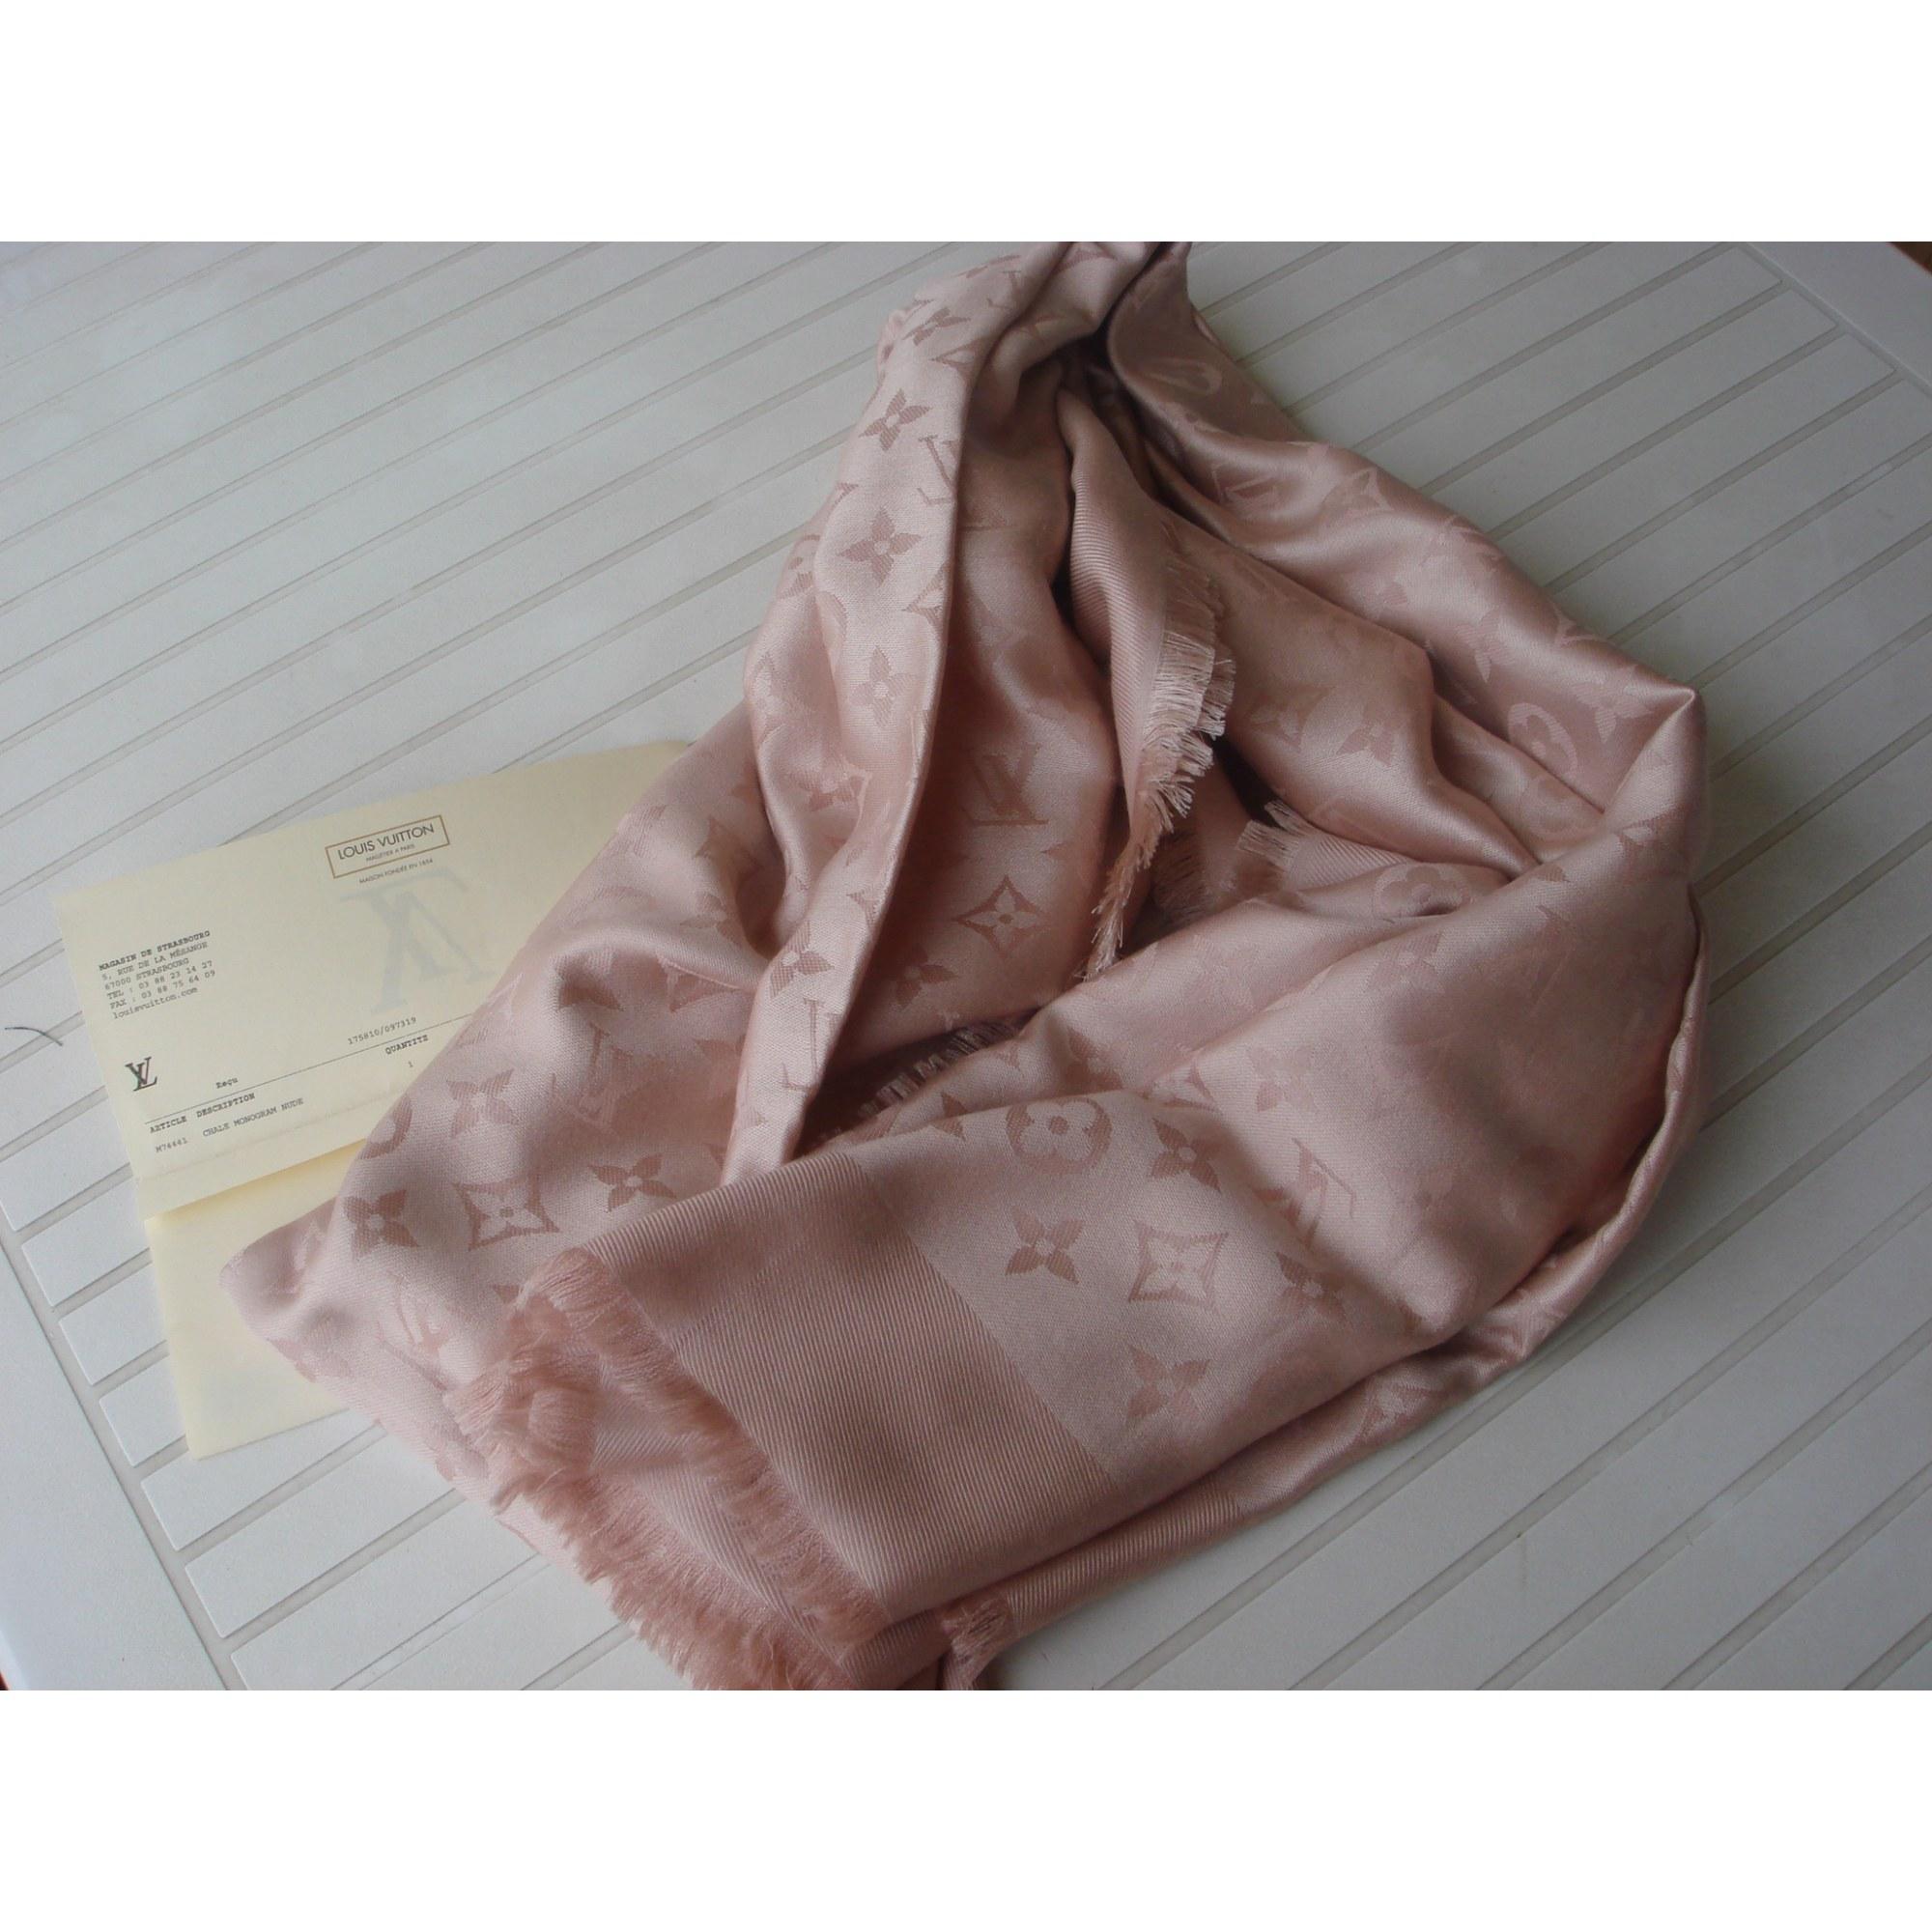 0219d605d64 Châle LOUIS VUITTON nude vendu par Le vide dressing de marie102945 ...